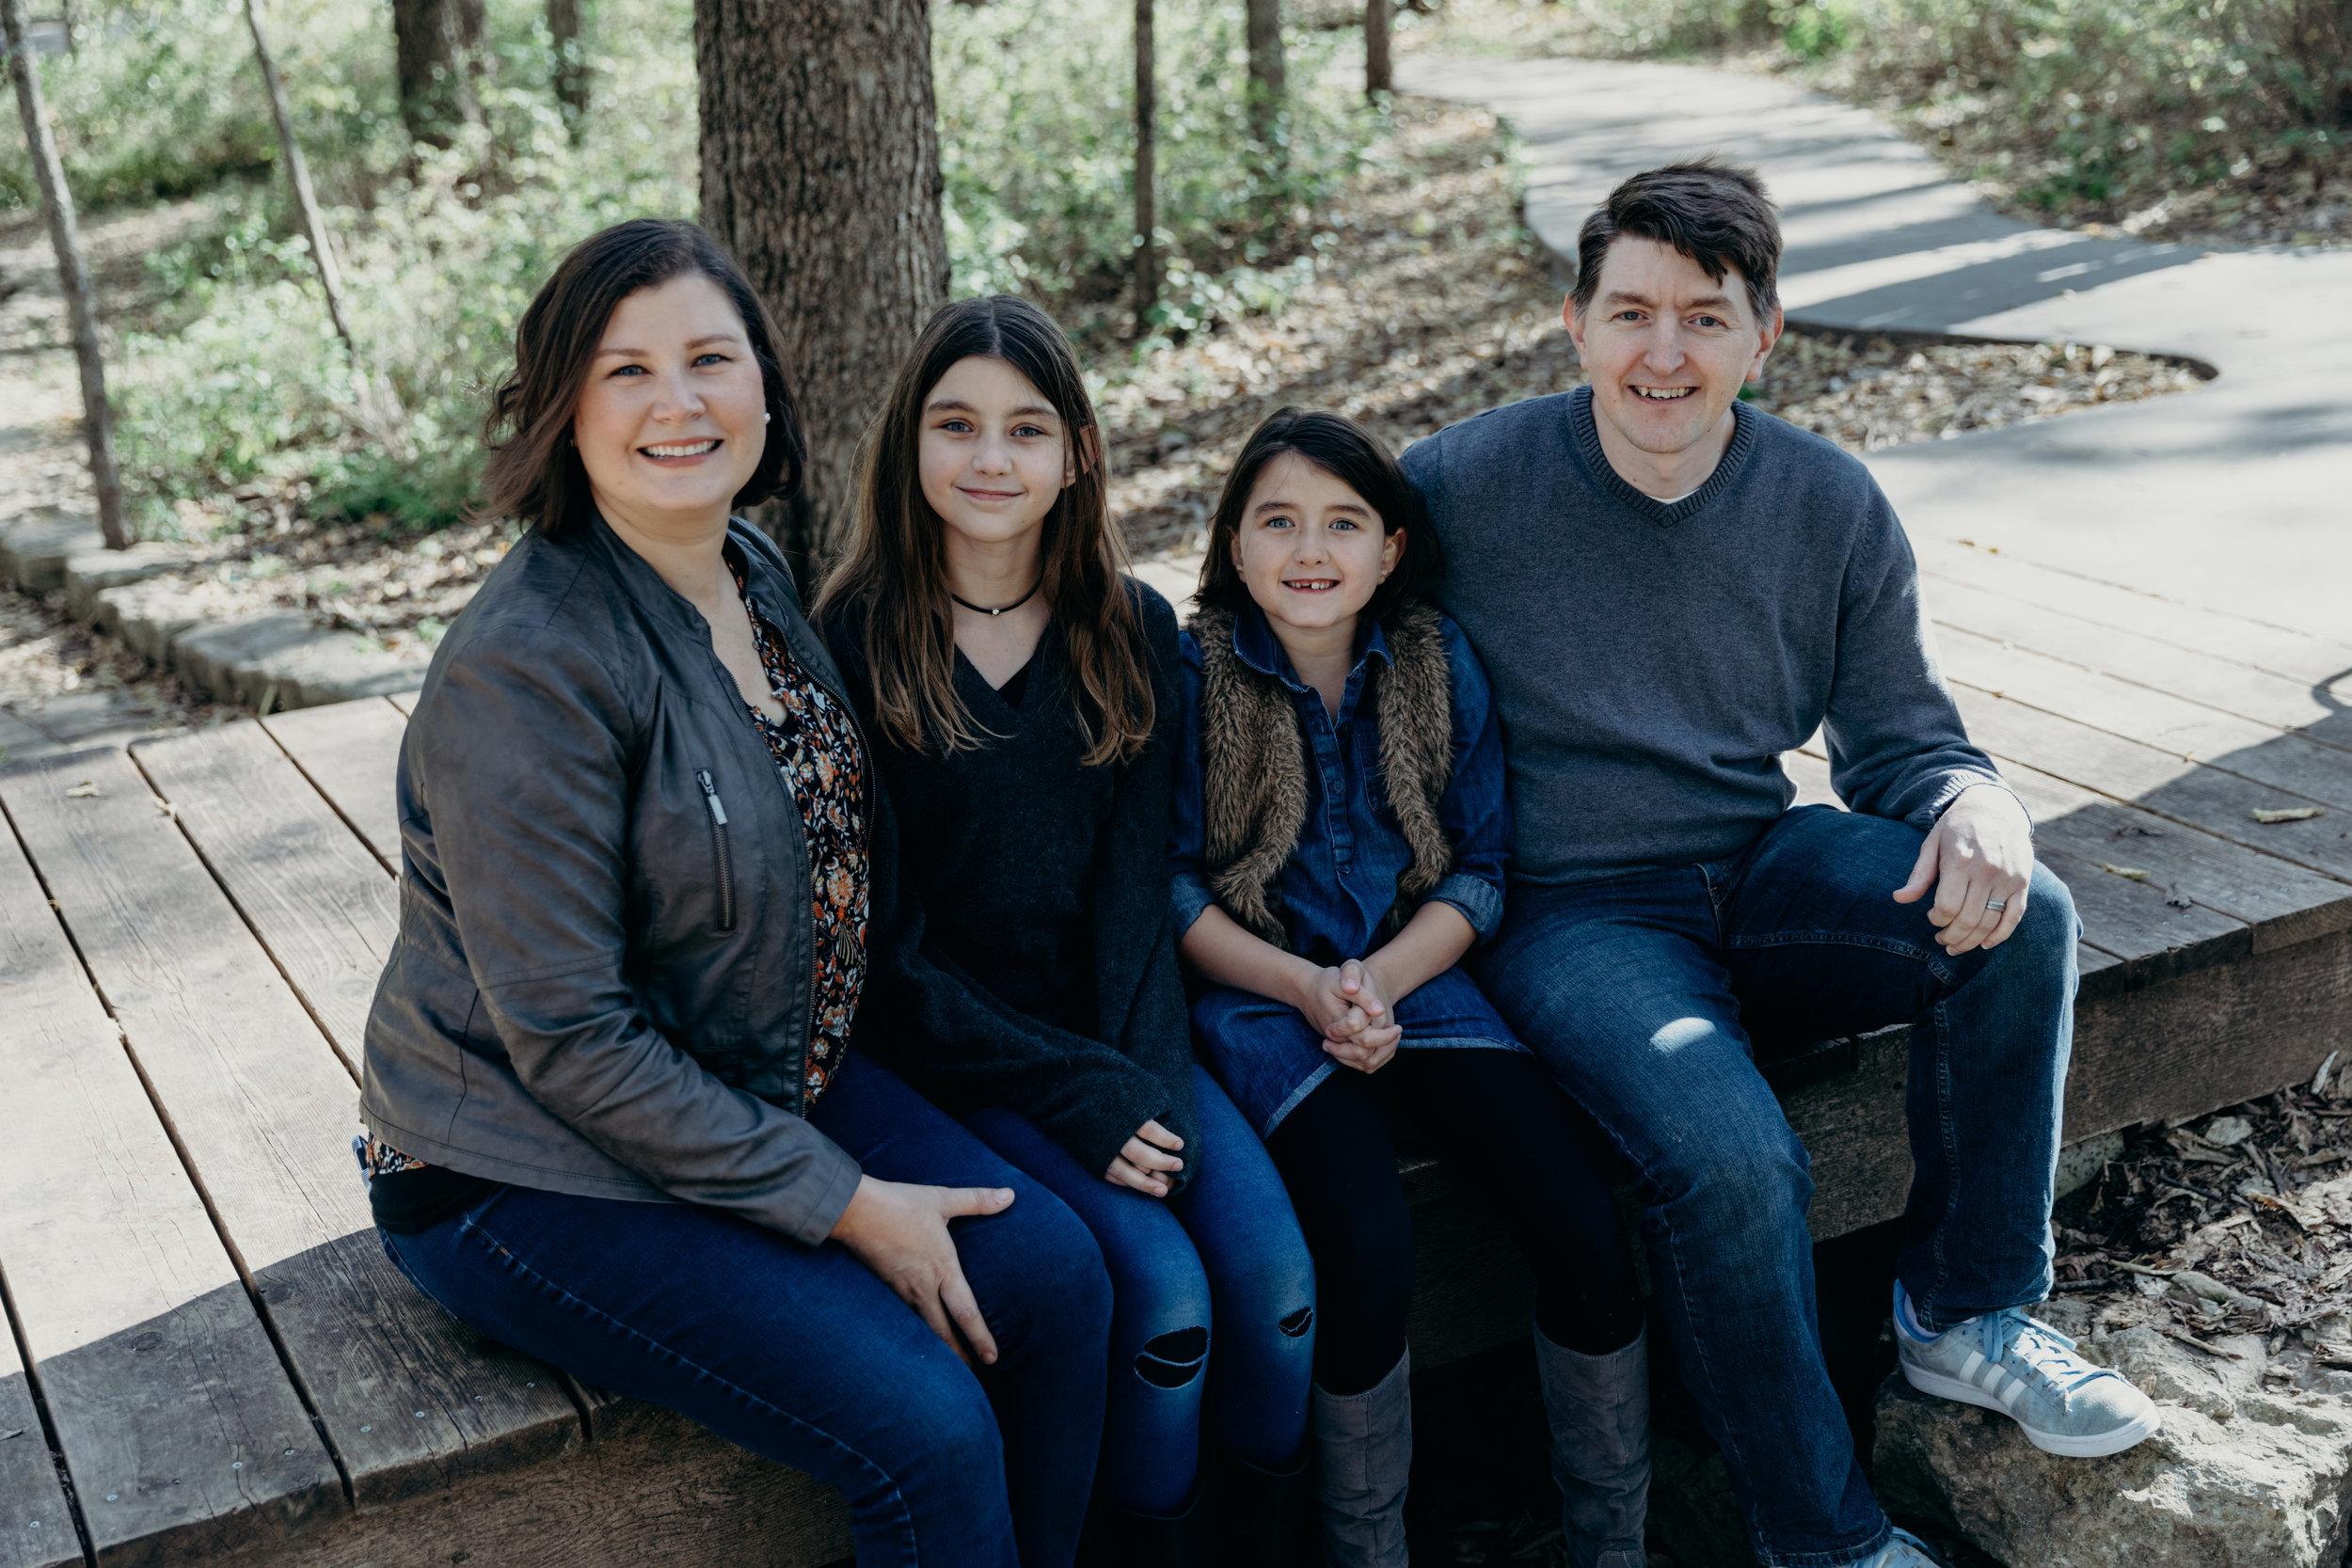 Lingenfelser Family Session-43.jpg